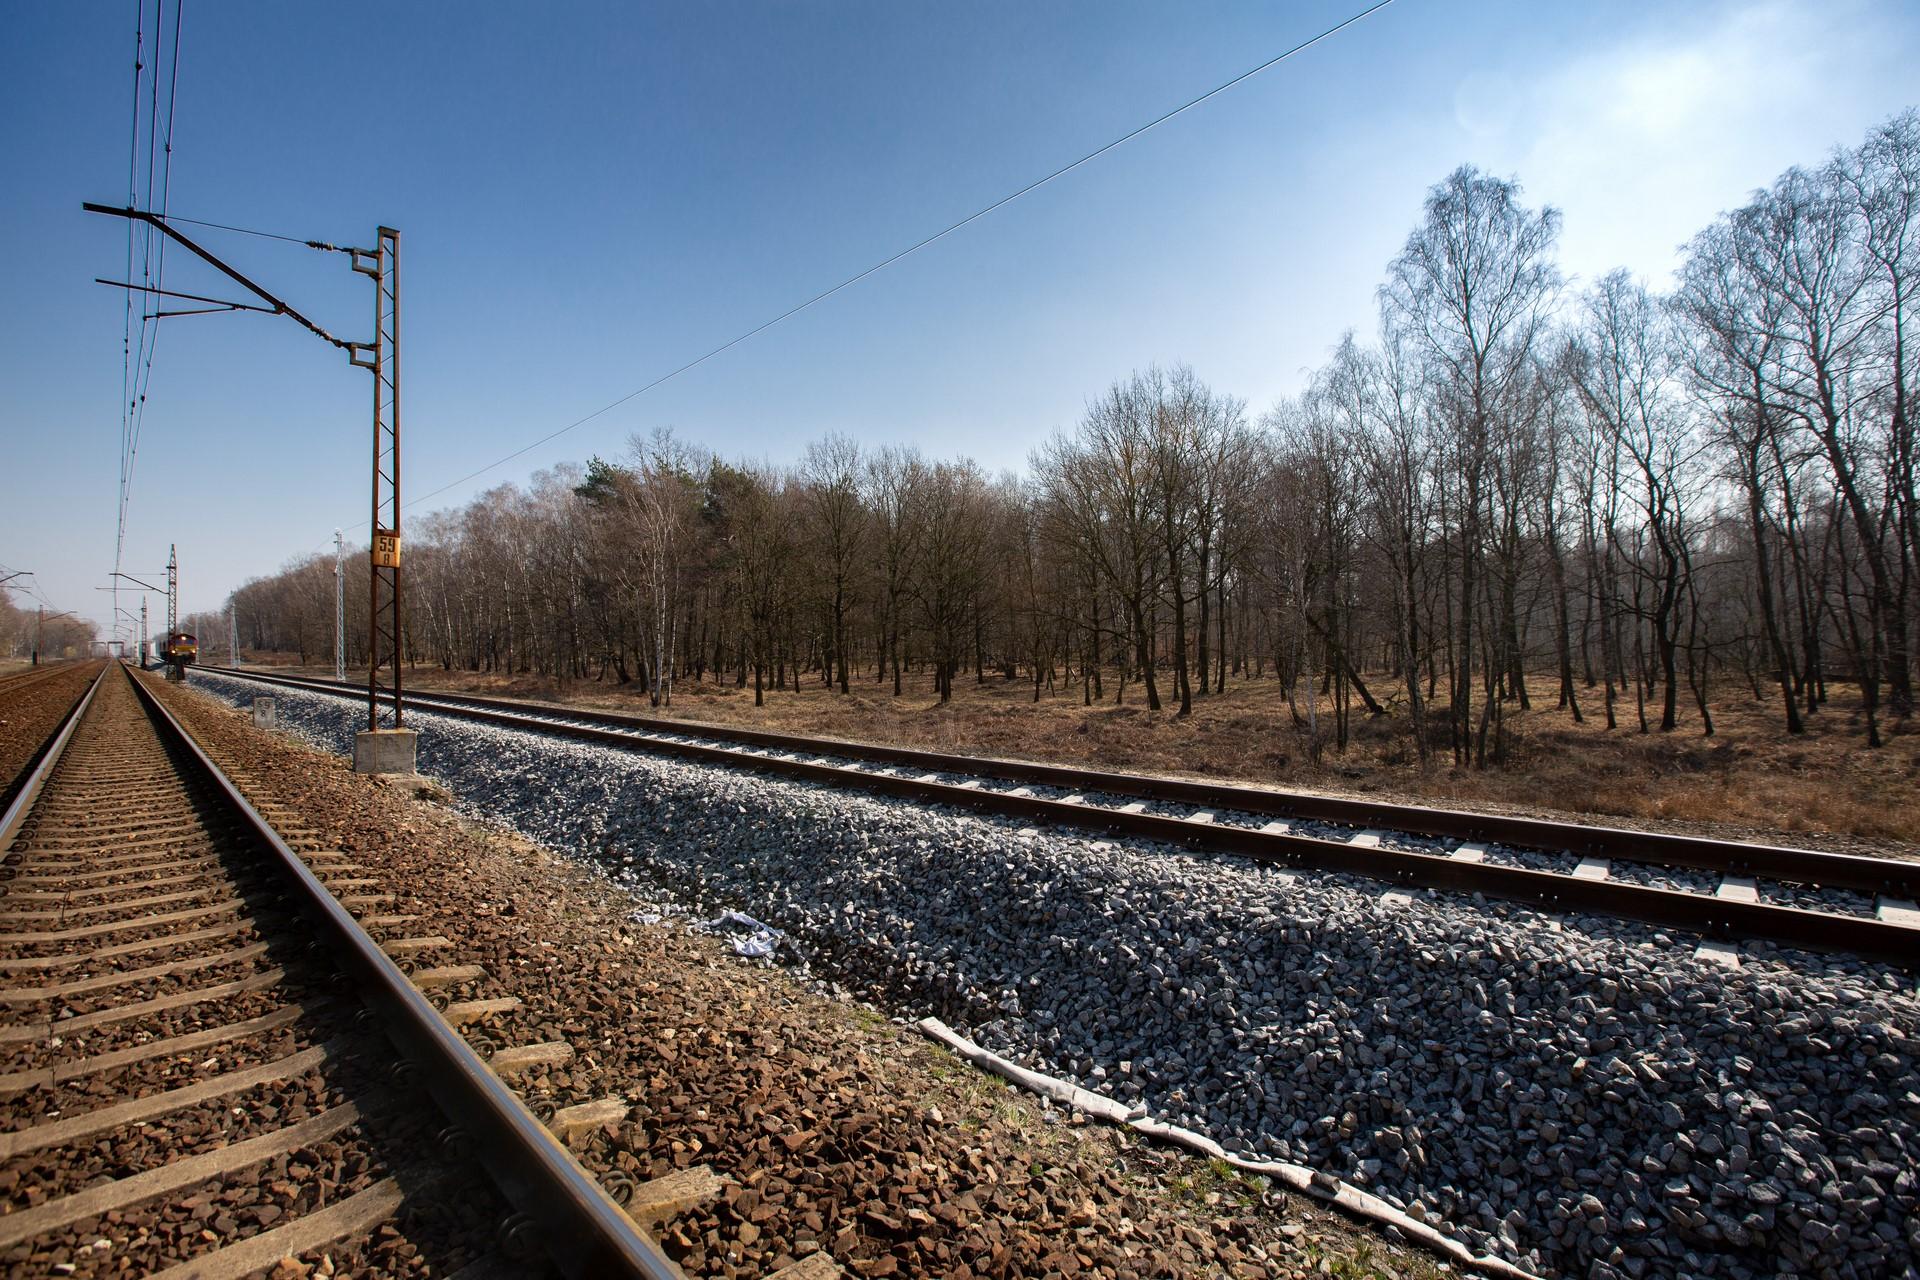 Obrazek: świerzo wyremontowane tory na tle wczesnowiosennego lasu